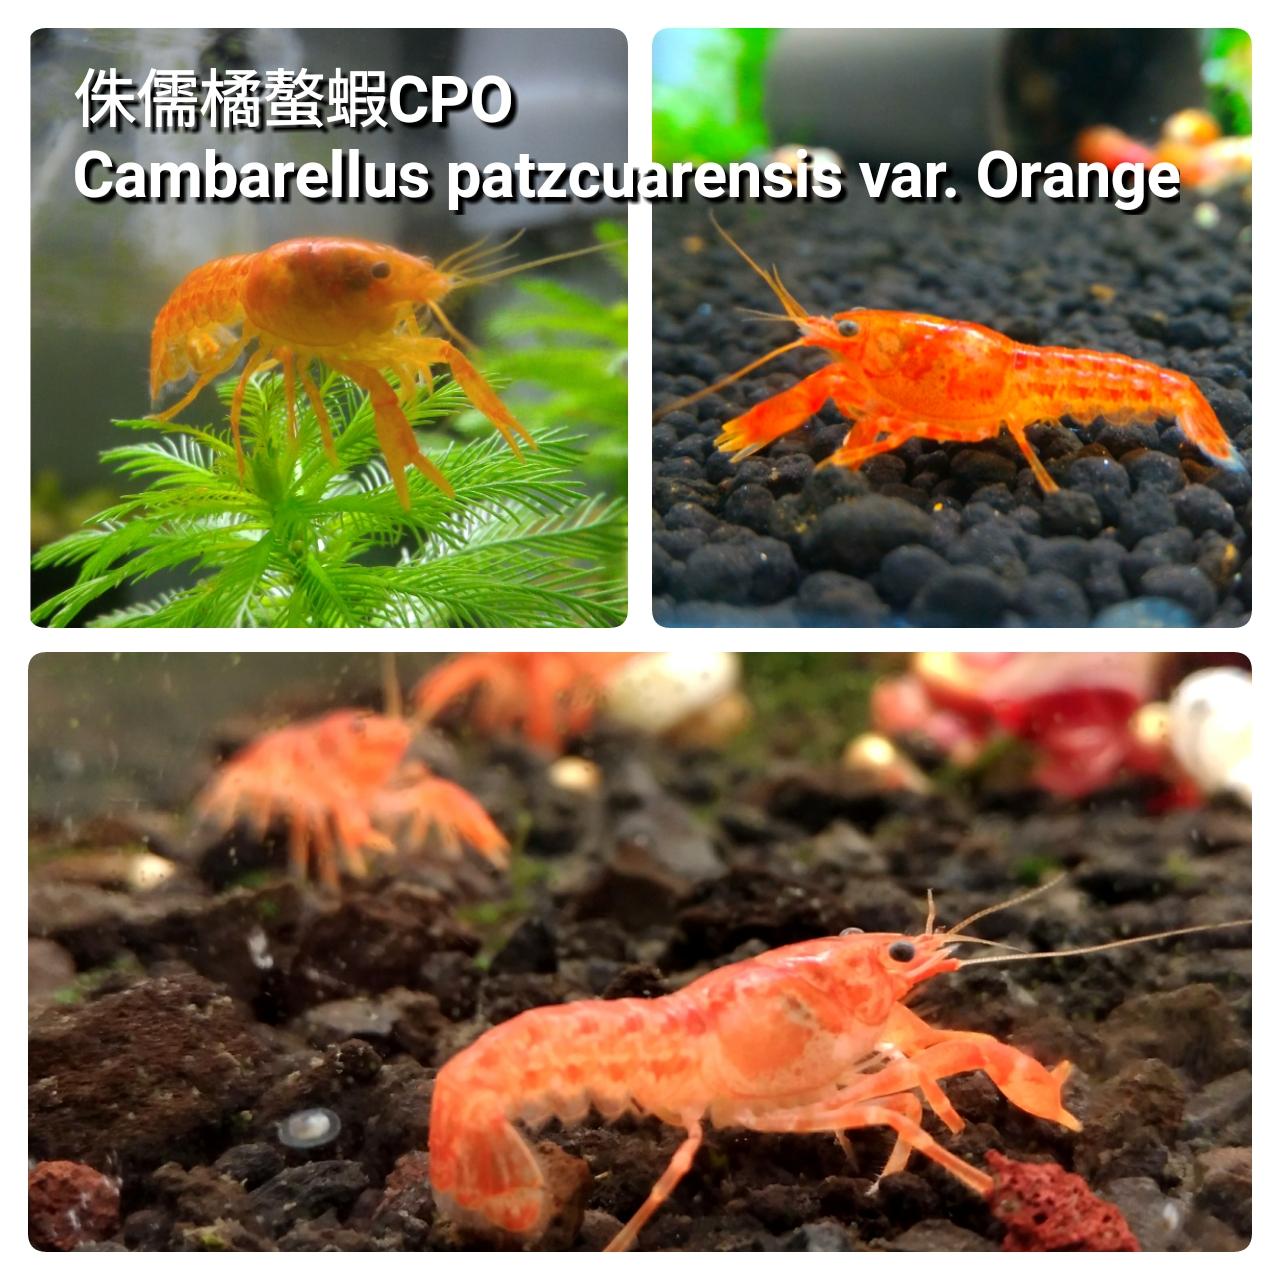 蝦兵魚匠: 侏儒橘螯蝦